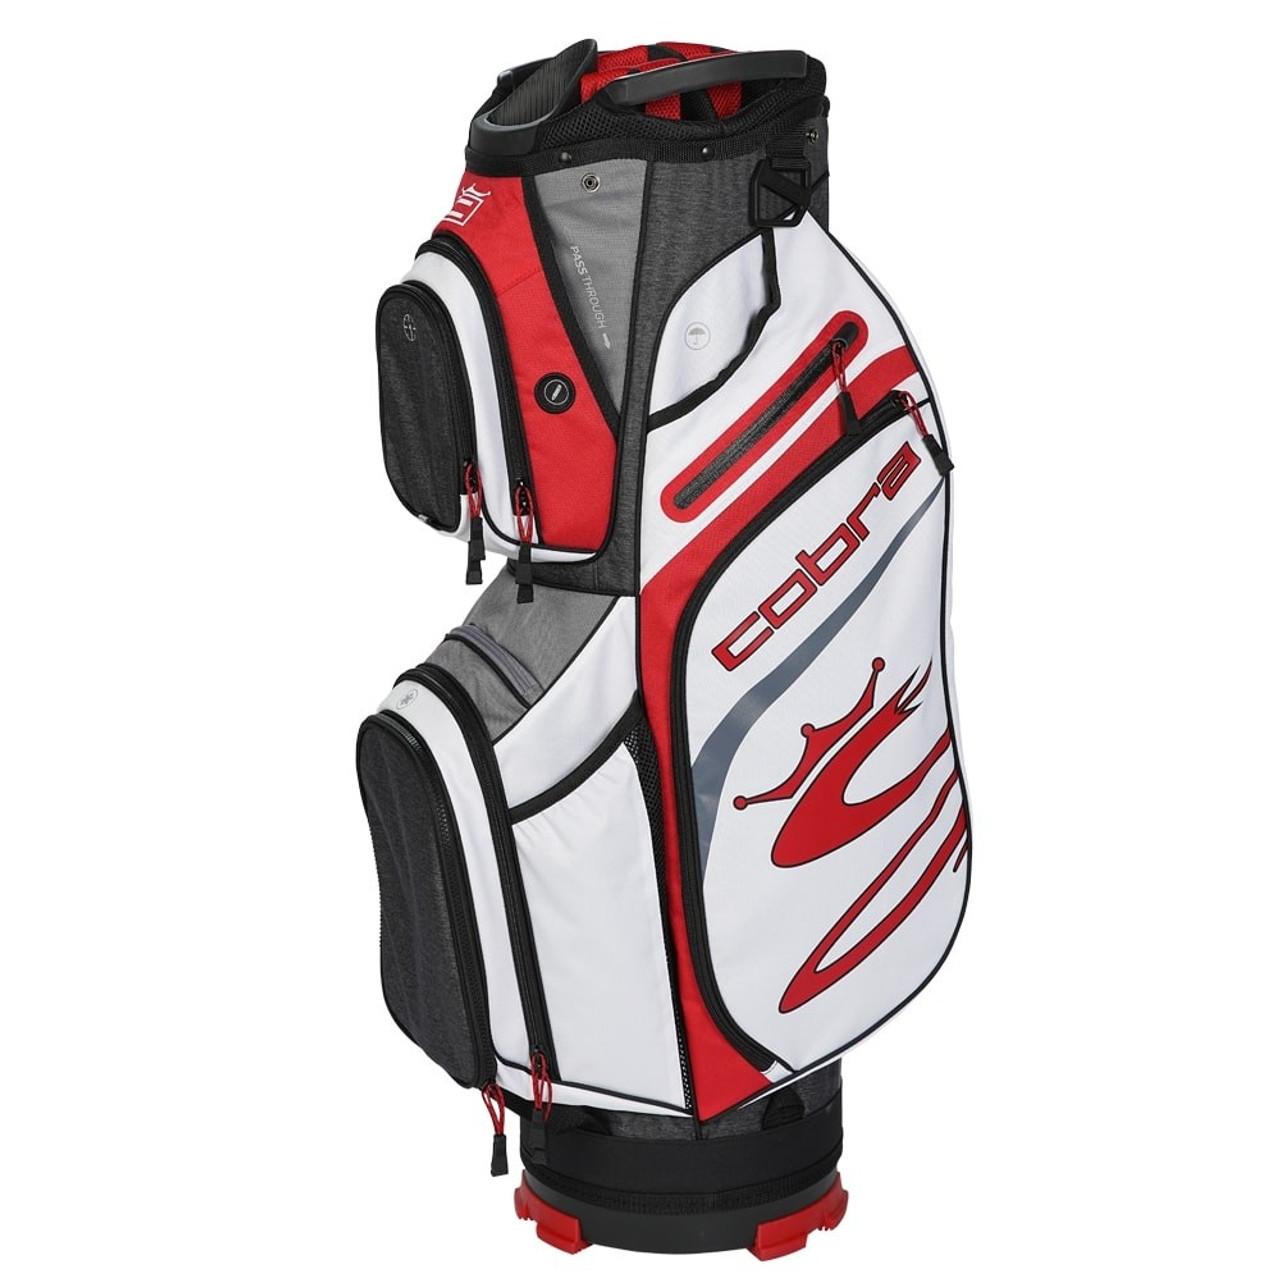 Cobra Ultralight Cart Bag - Black / High Risk Red / White